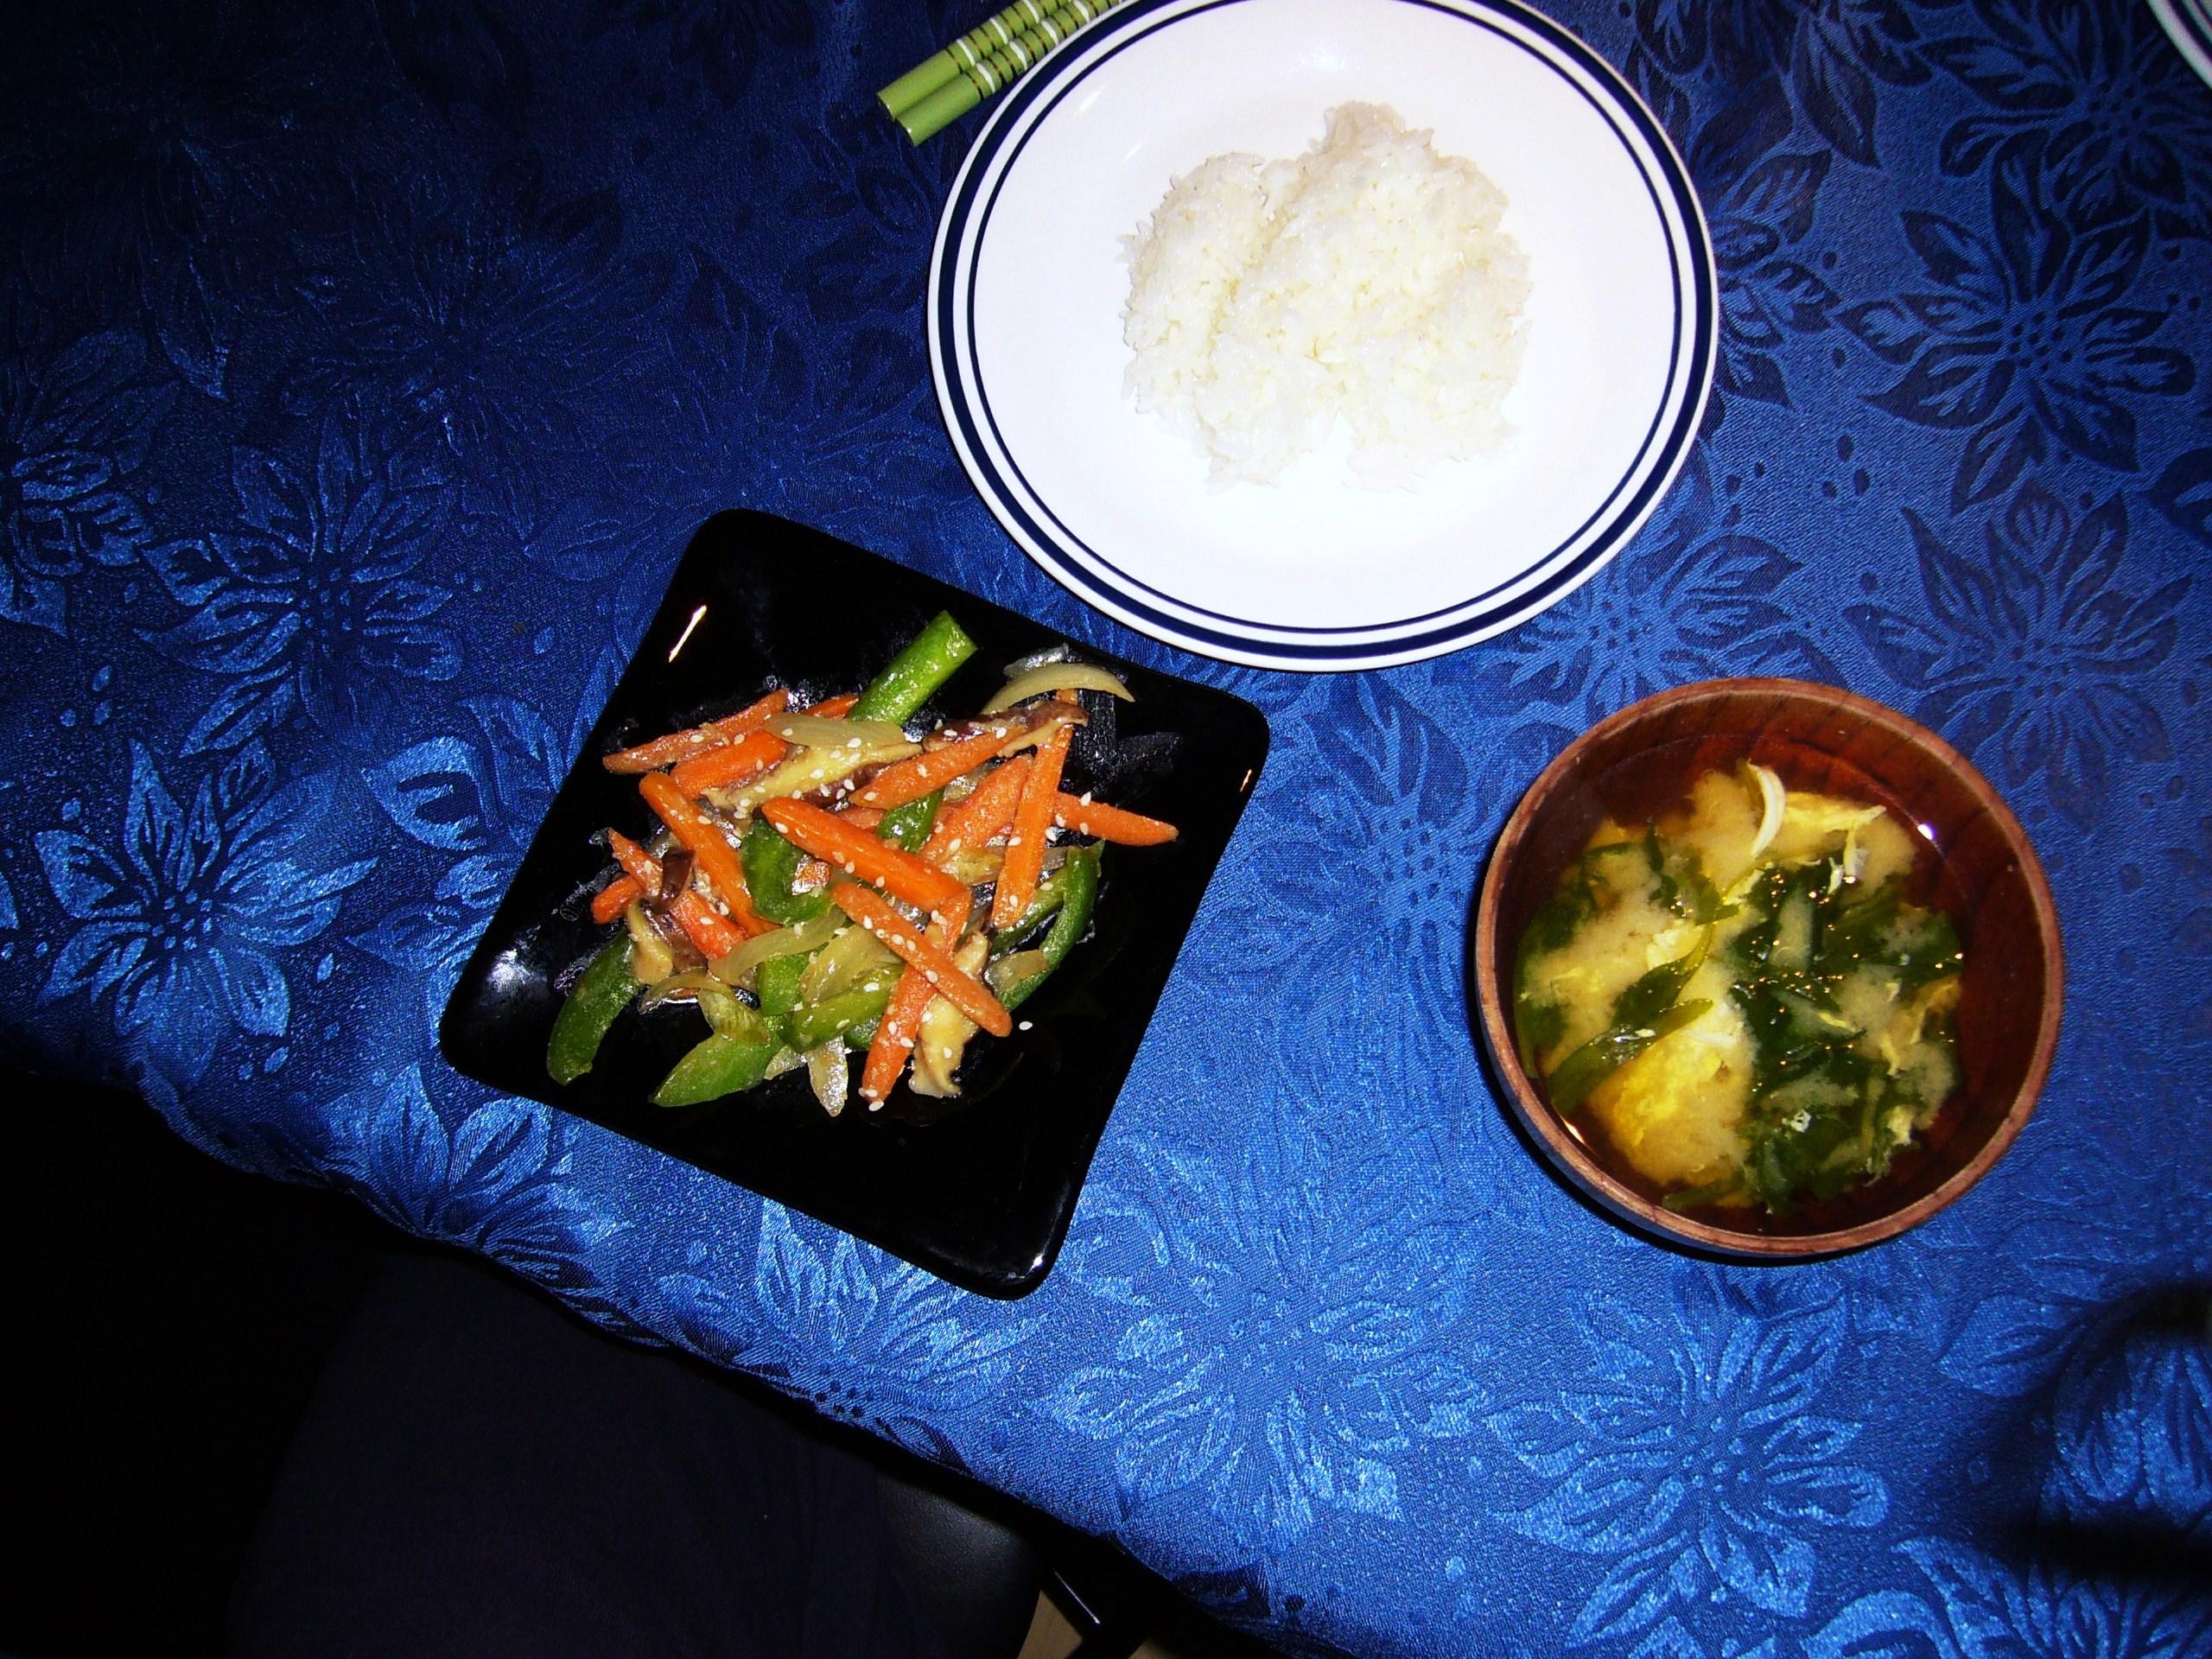 Stir-fried veggies with miso